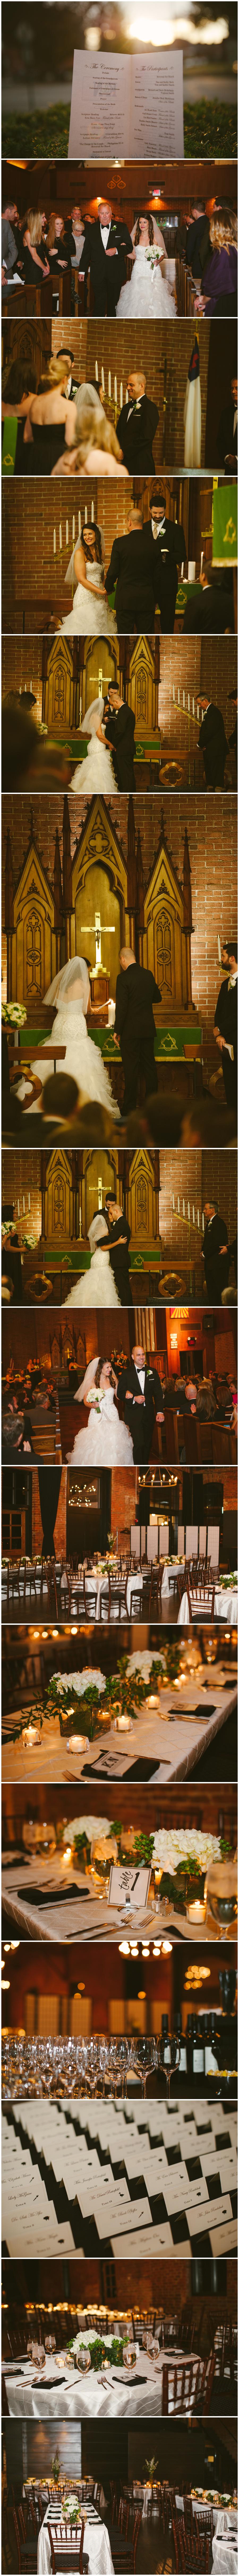 Blog Collage-Kelly+NateW4